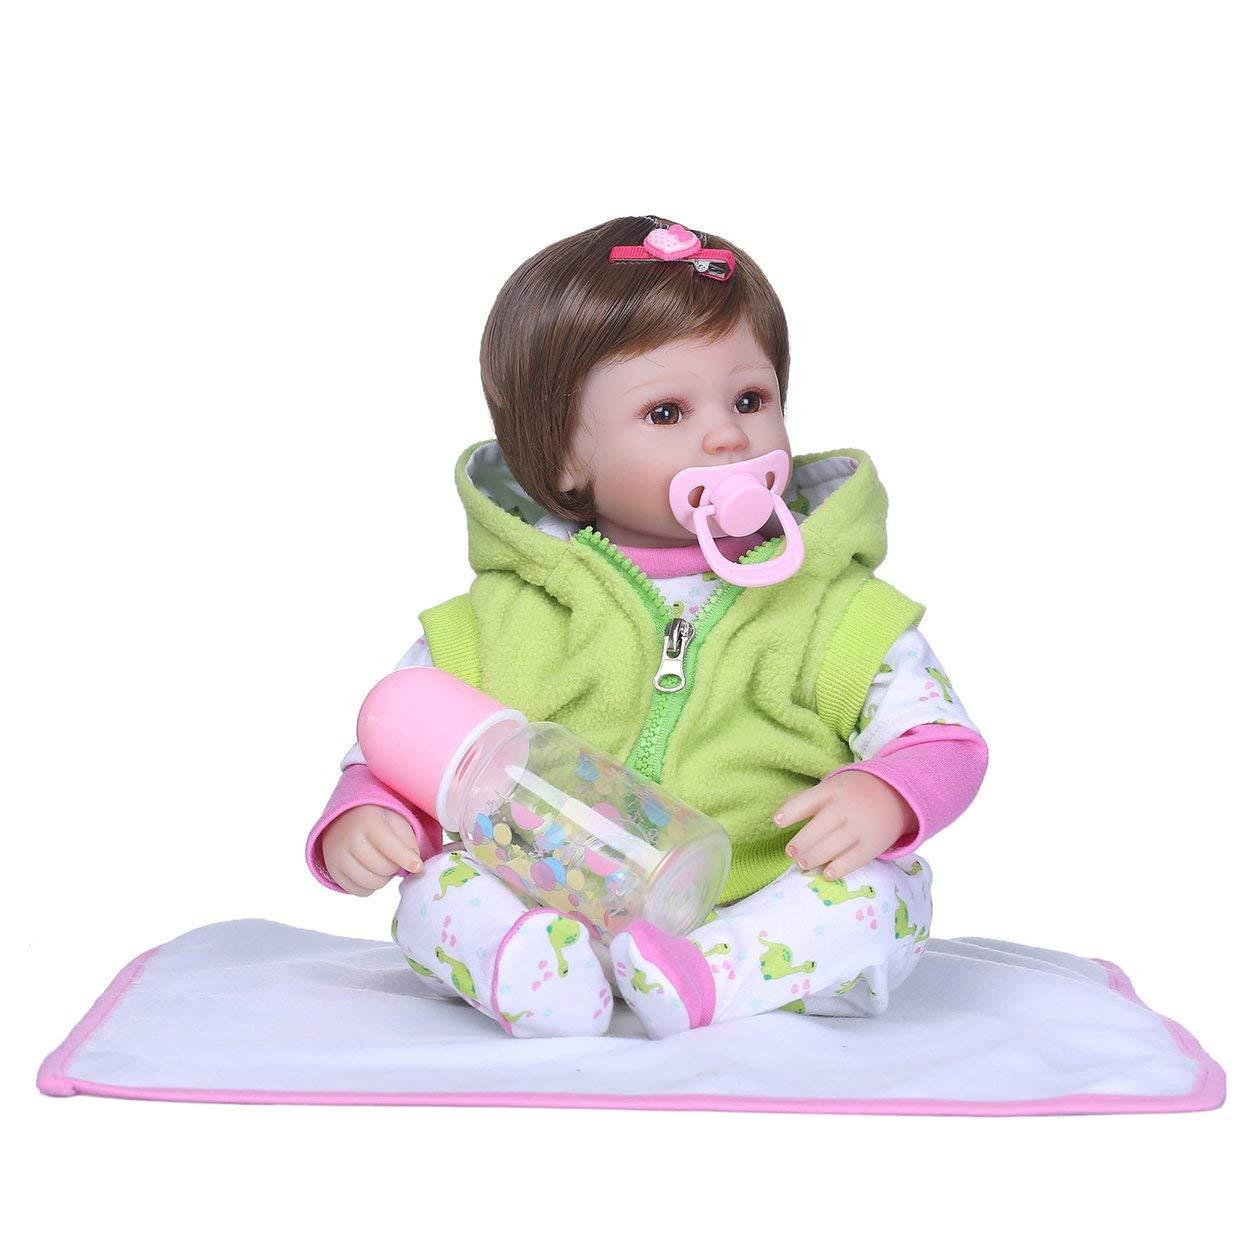 Bambola adorabile di simulazione del bambino della bambola del vinile del silicone del corpo pieno di 40cm della bambola adorabile di simulazione del bambino completamente sveglia giocattolo sveglio appena nato della bambola del bambino